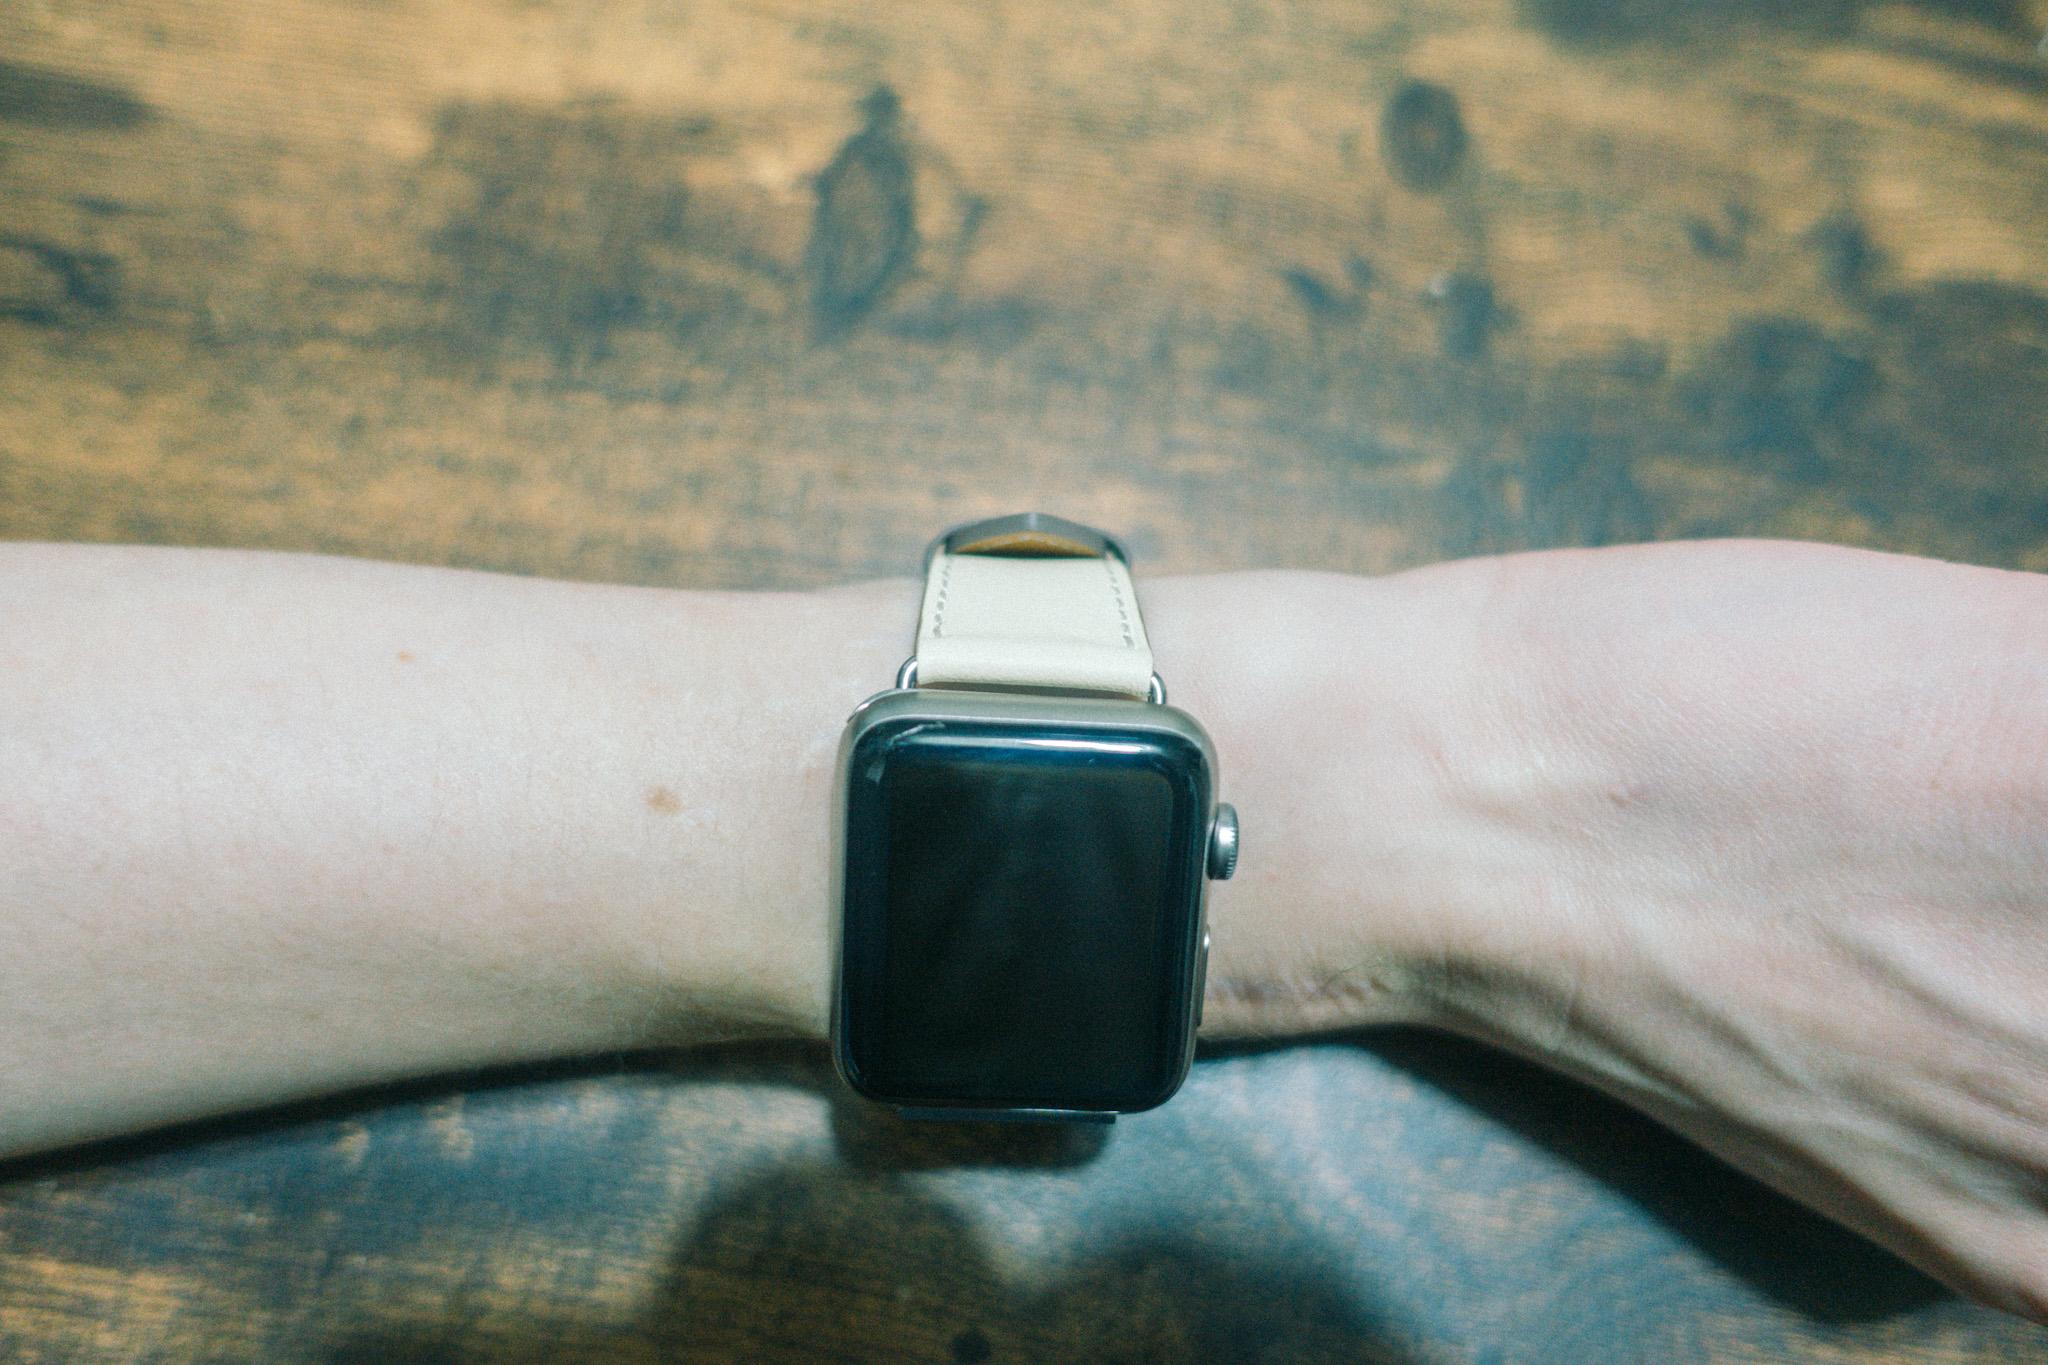 Apple Watchエルメス風バンド